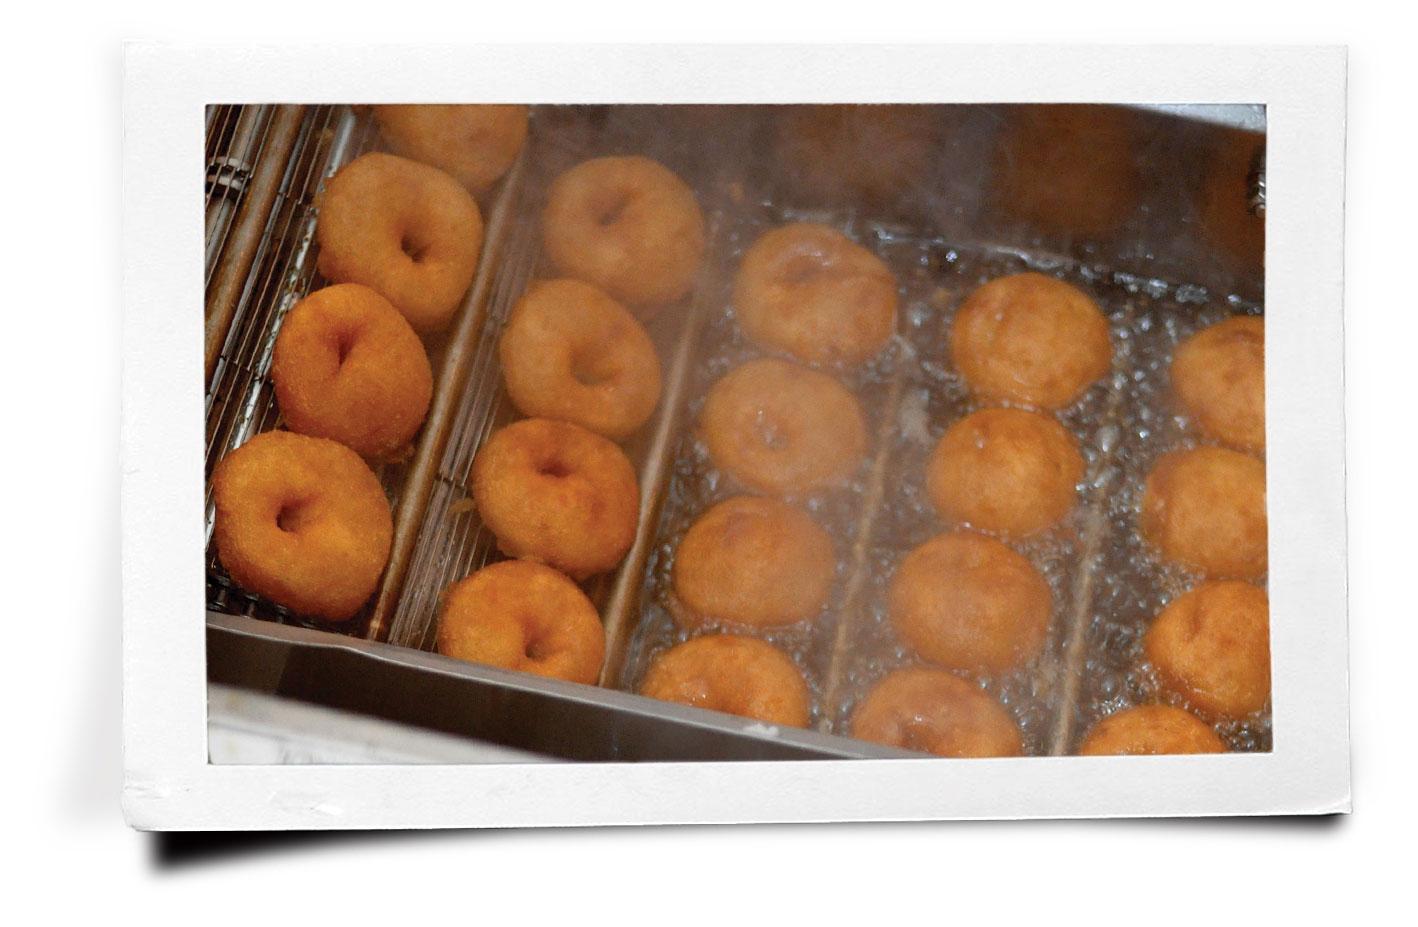 pf_donuts